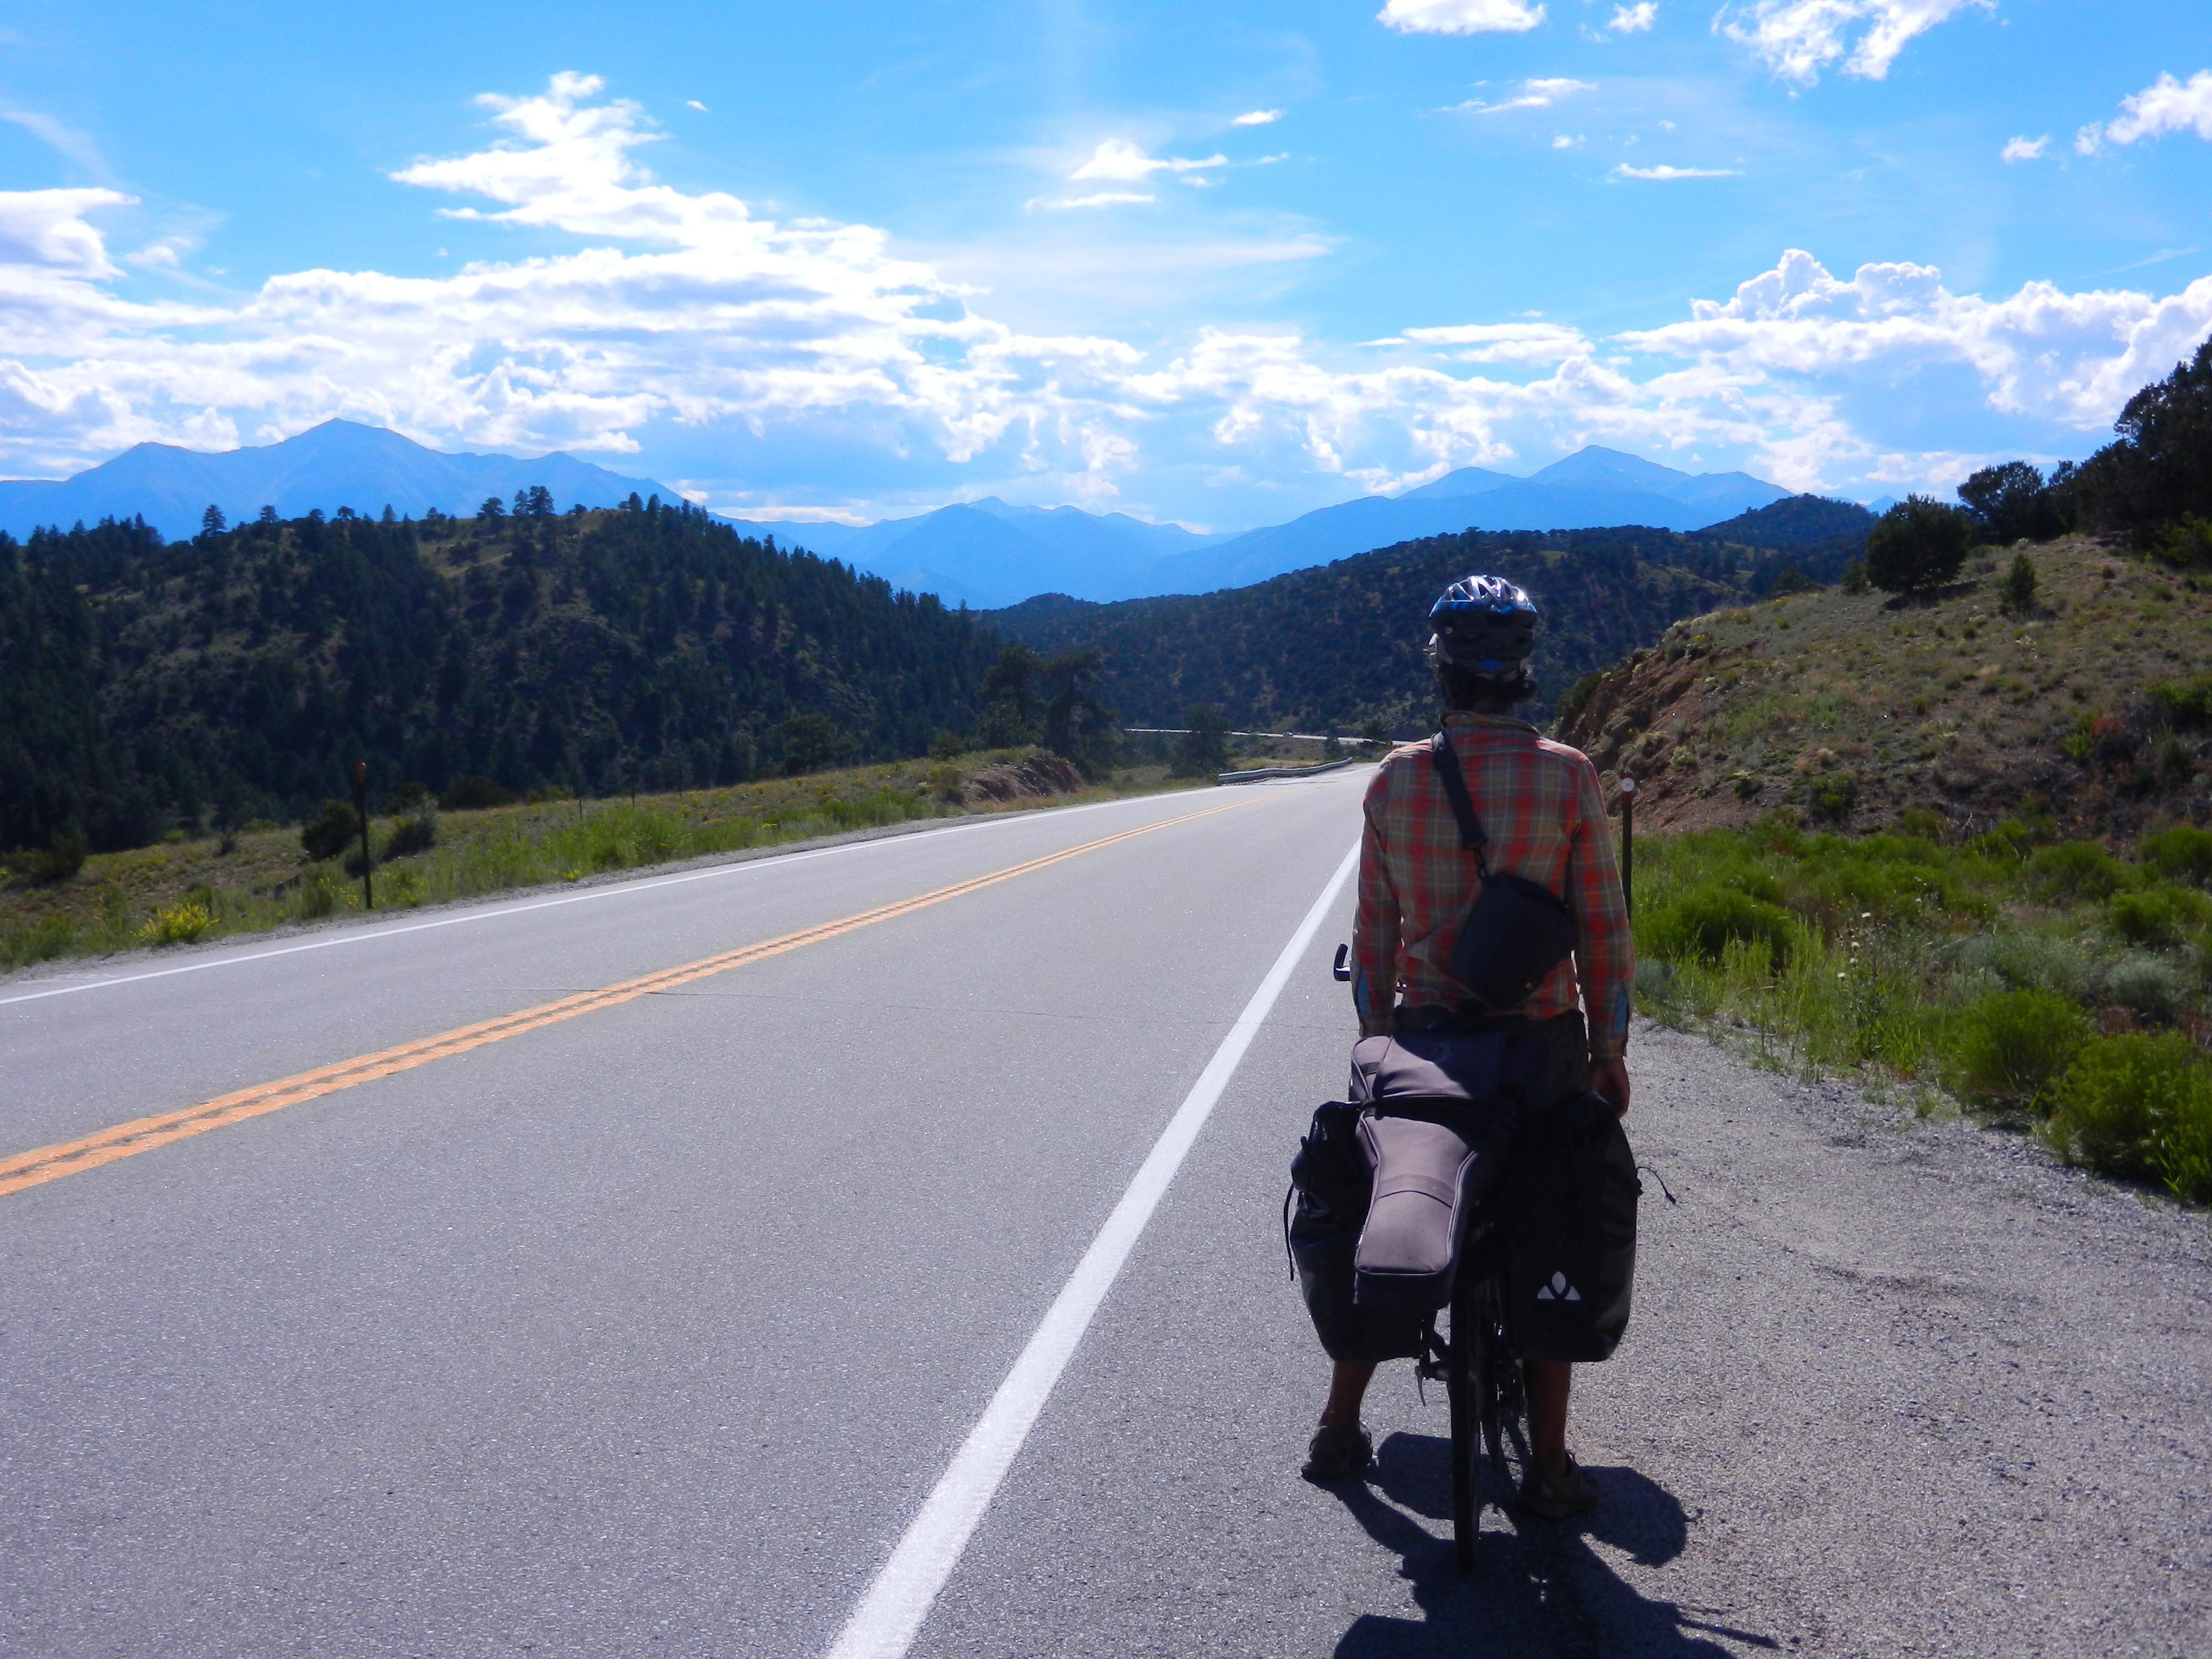 voyage à vélo en amérique du nord #4